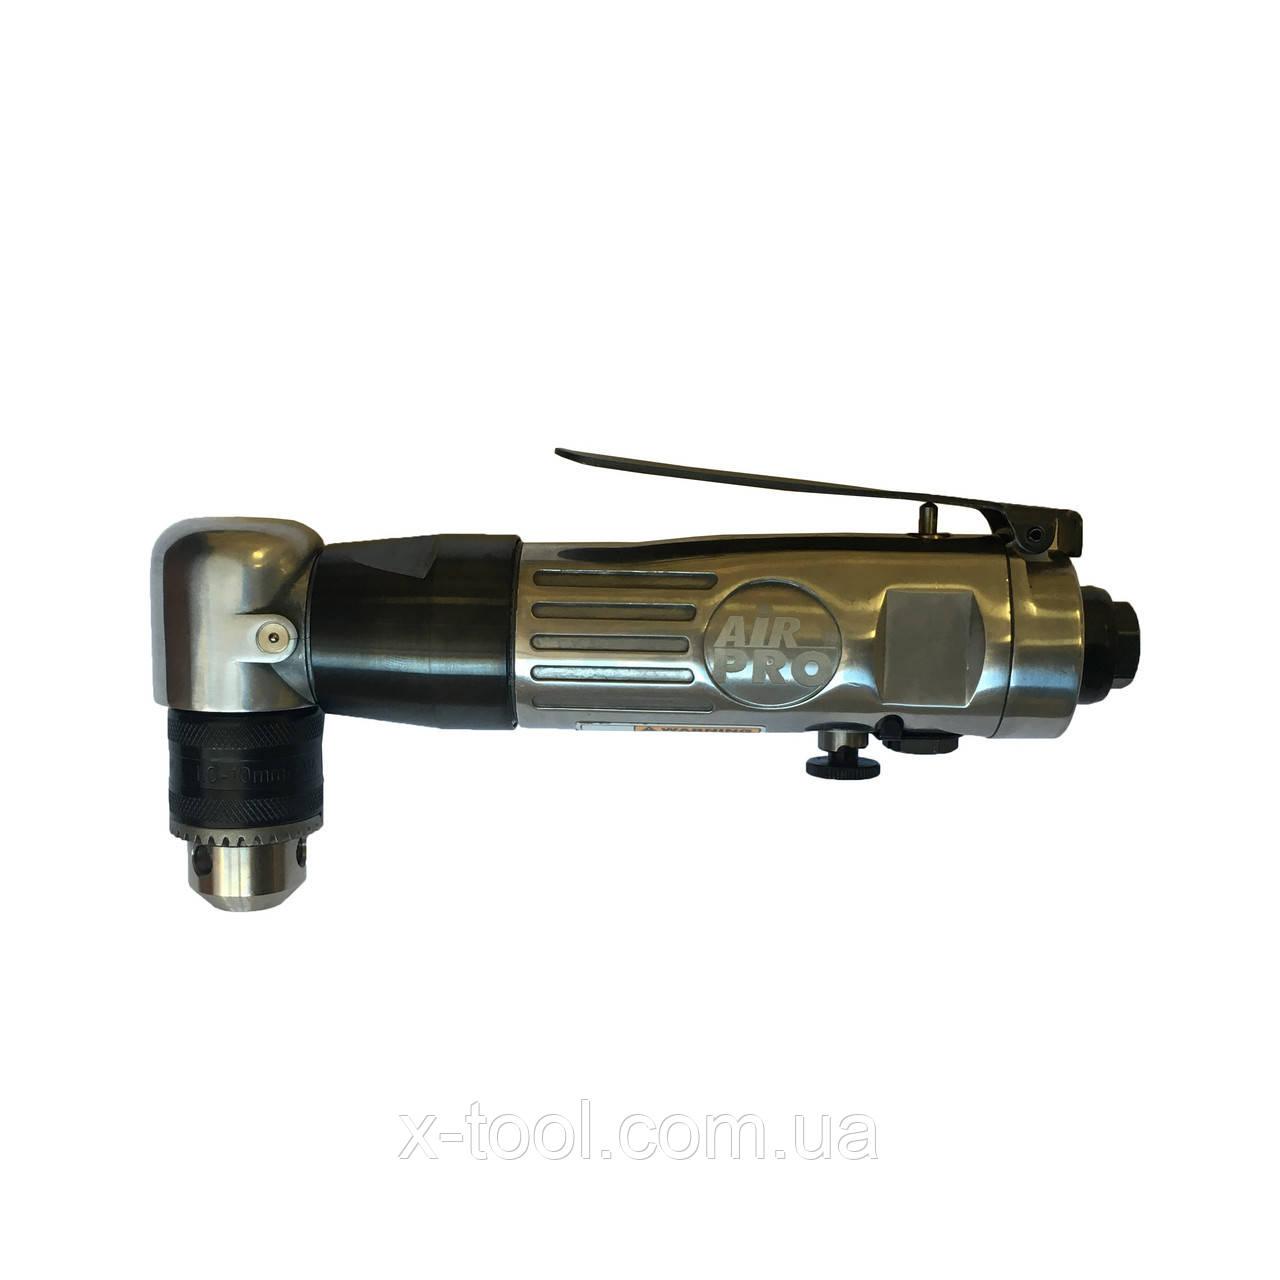 Дрель пневматическая угловая Air Pro SA6105 (Тайвань)